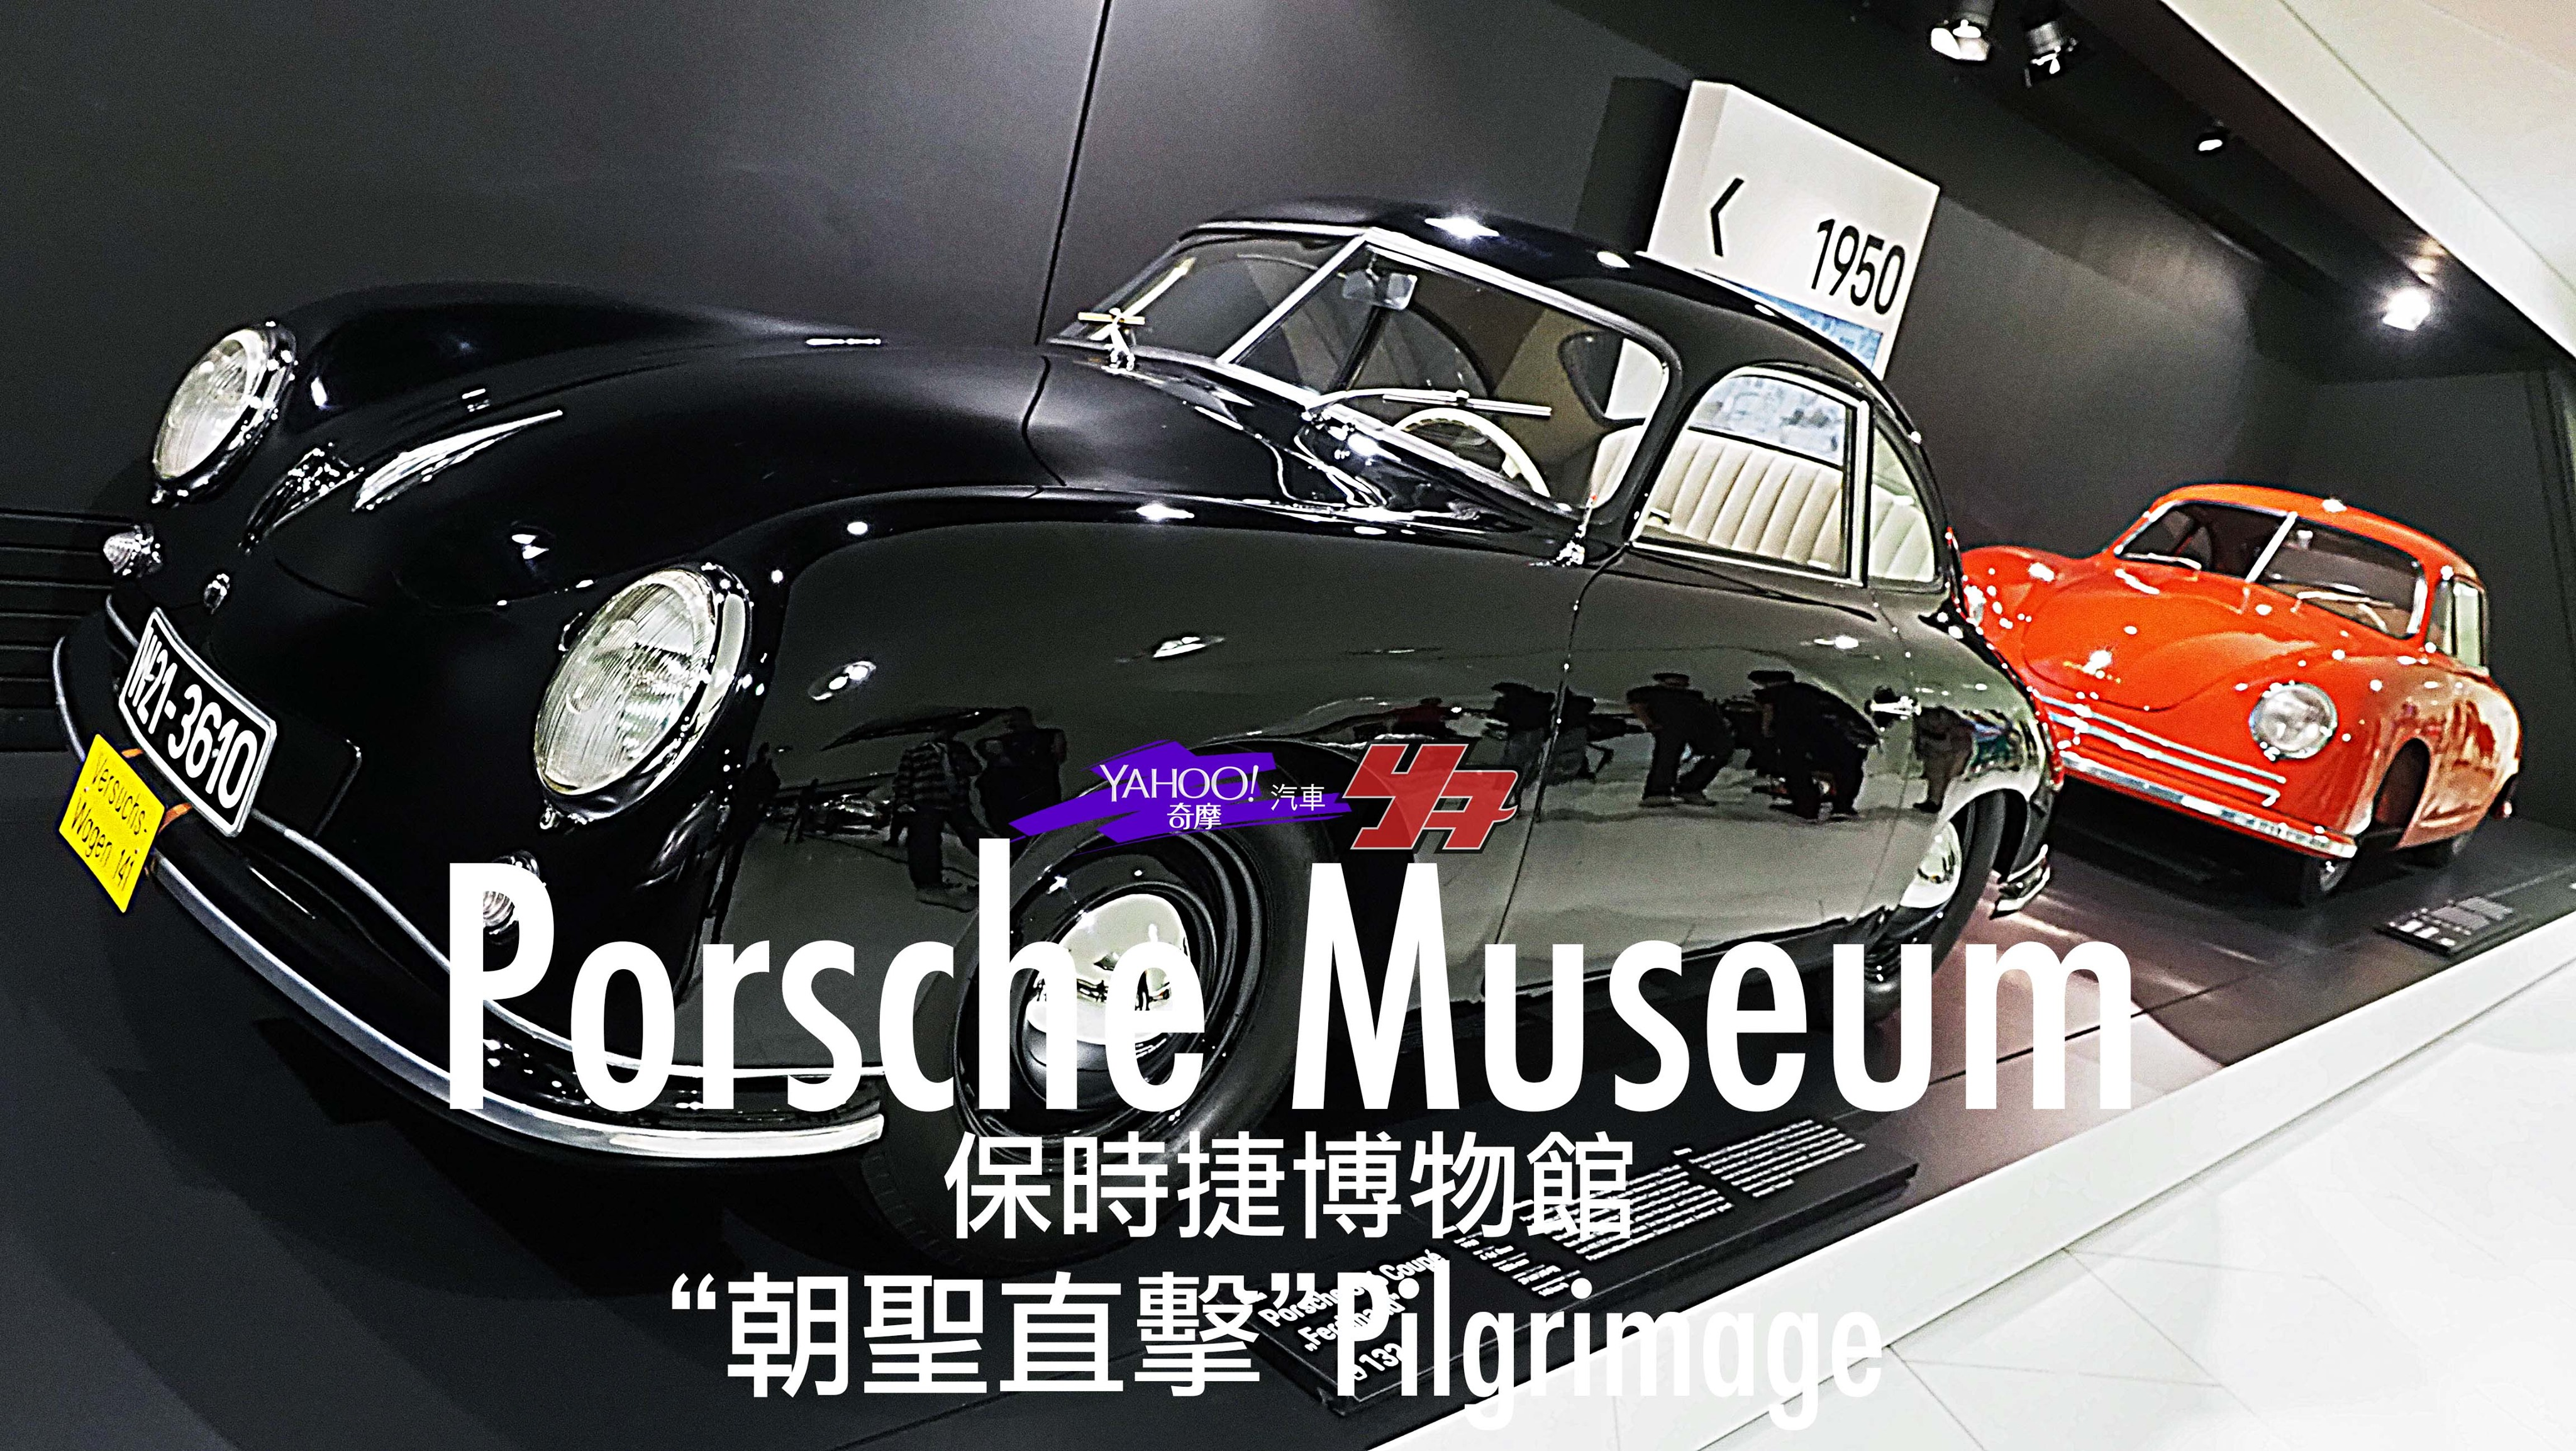 【朝聖直擊】車迷必訪!德國斯圖加特Porsche Museum保時捷博物館